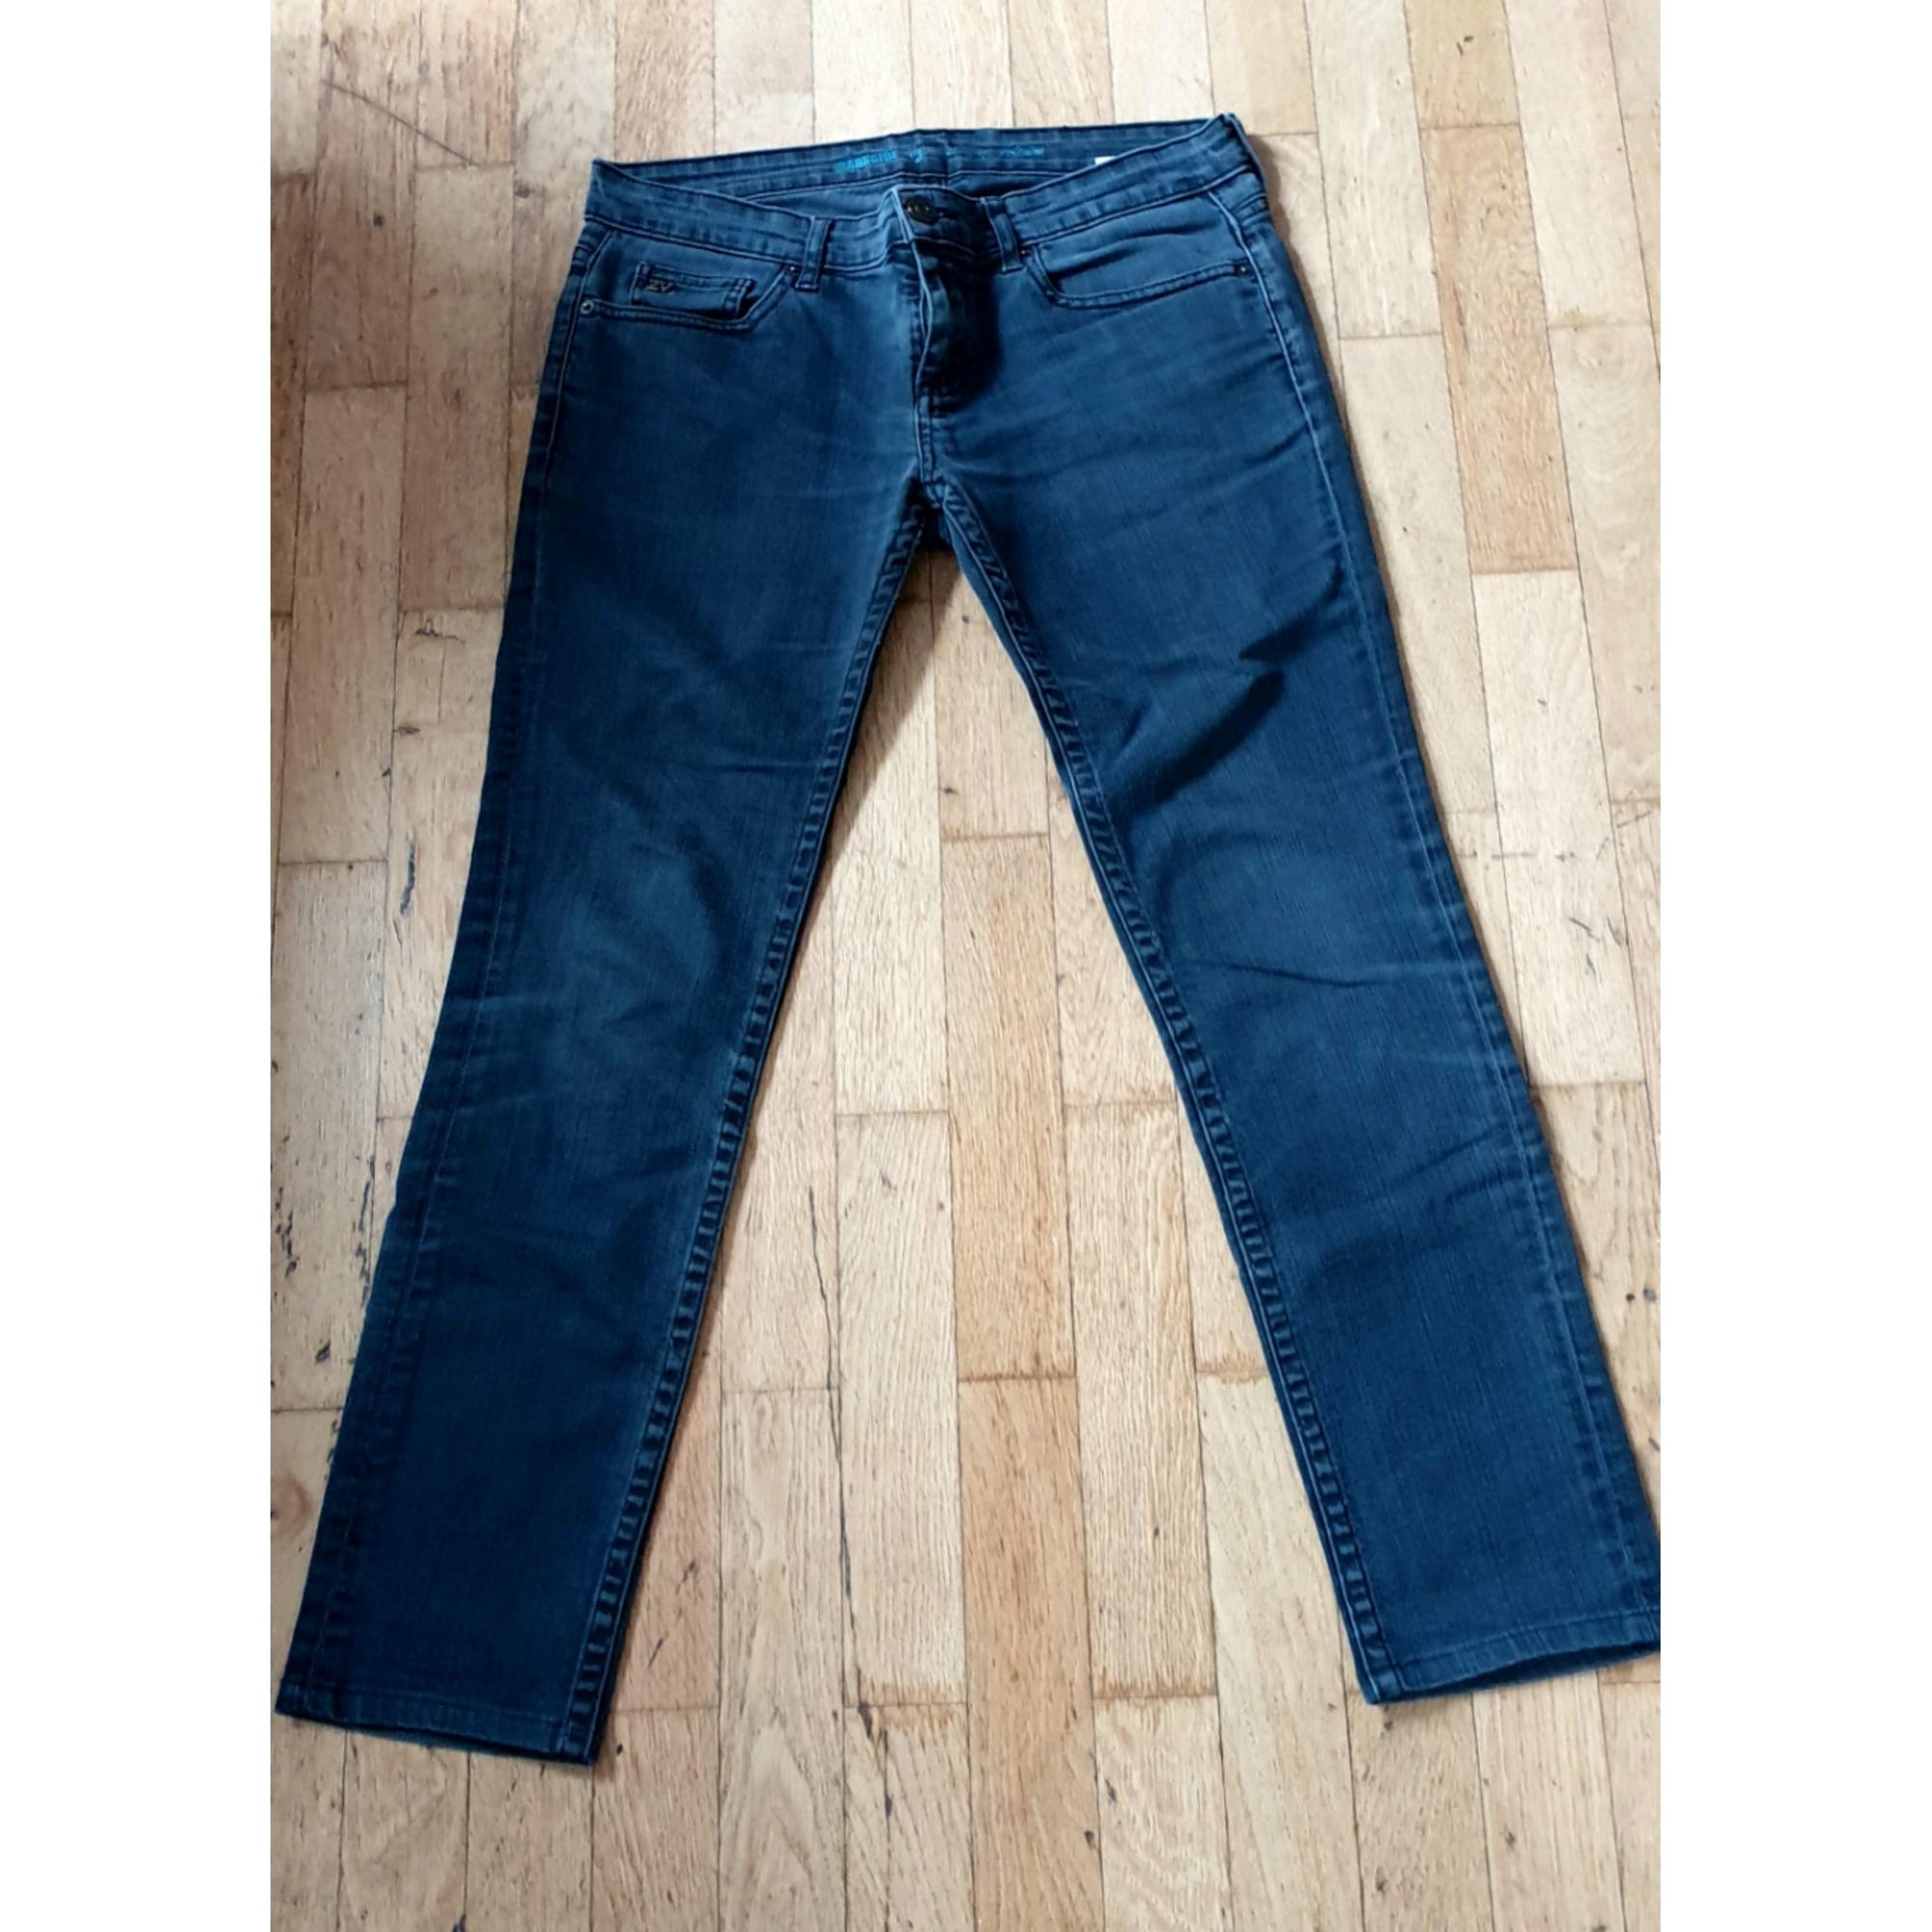 Jeans droit ZADIG & VOLTAIRE Noir